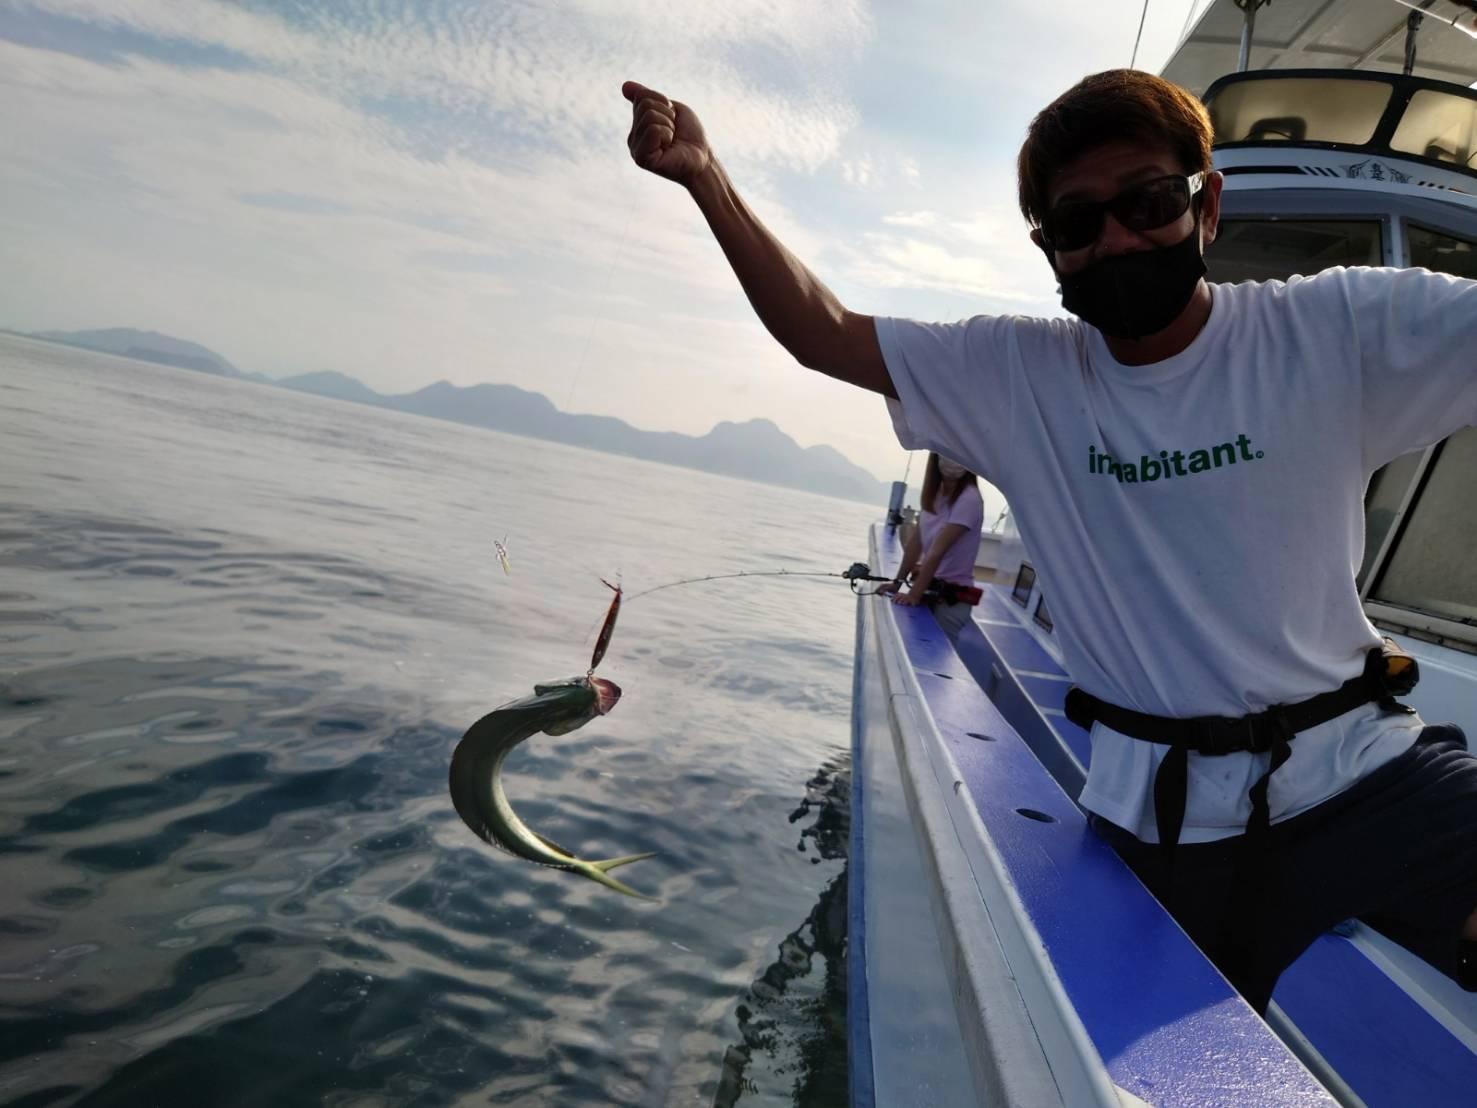 シイラの活性はMAX!!です!最大で80cm前後のシイラが釣れました!